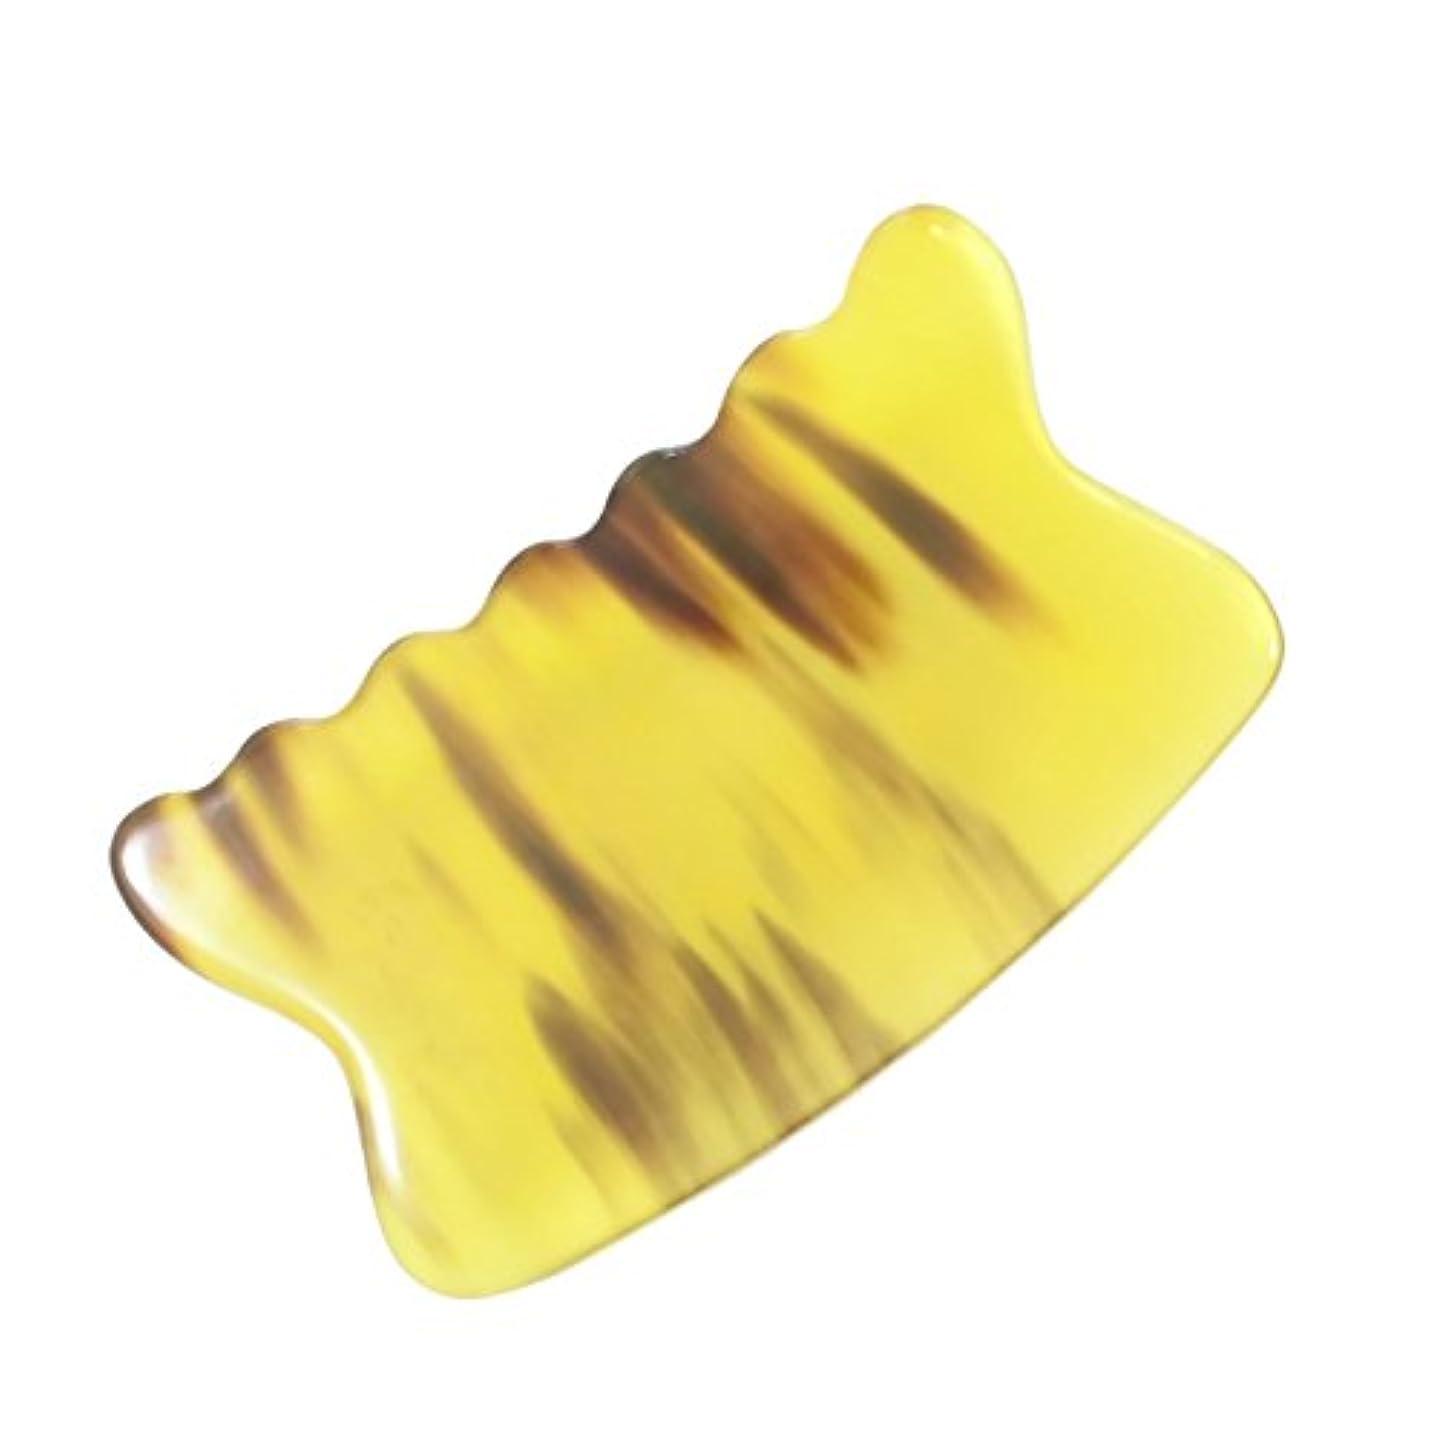 絶滅した抵抗するチェスをするかっさ プレート 希少59 黄水牛角 極美品 曲波型